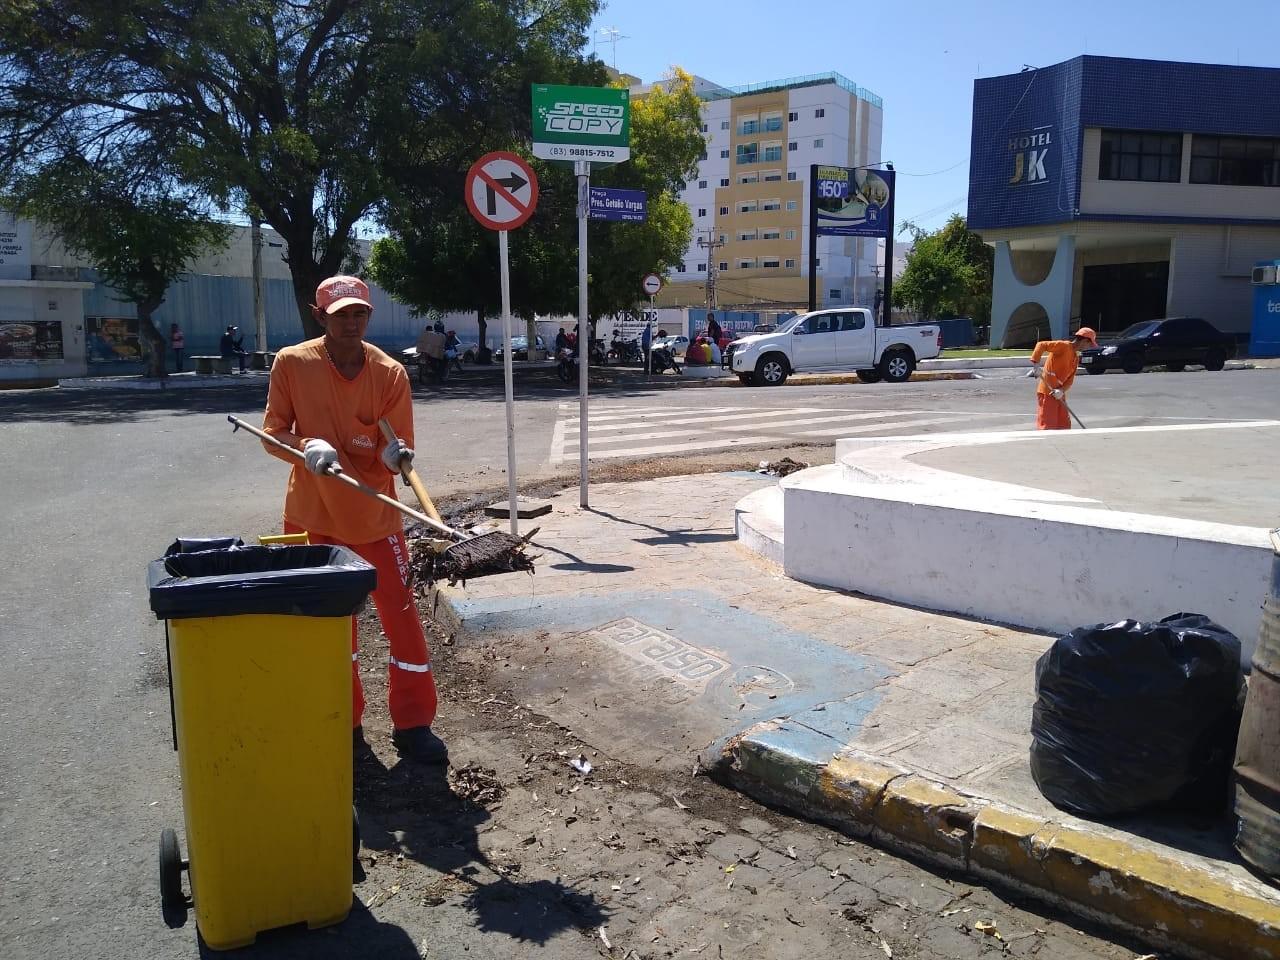 Garis retomam trabalhos nas ruas de Patos, PB, após novo acordo entre empresa e prefeitura - Notícias - Plantão Diário